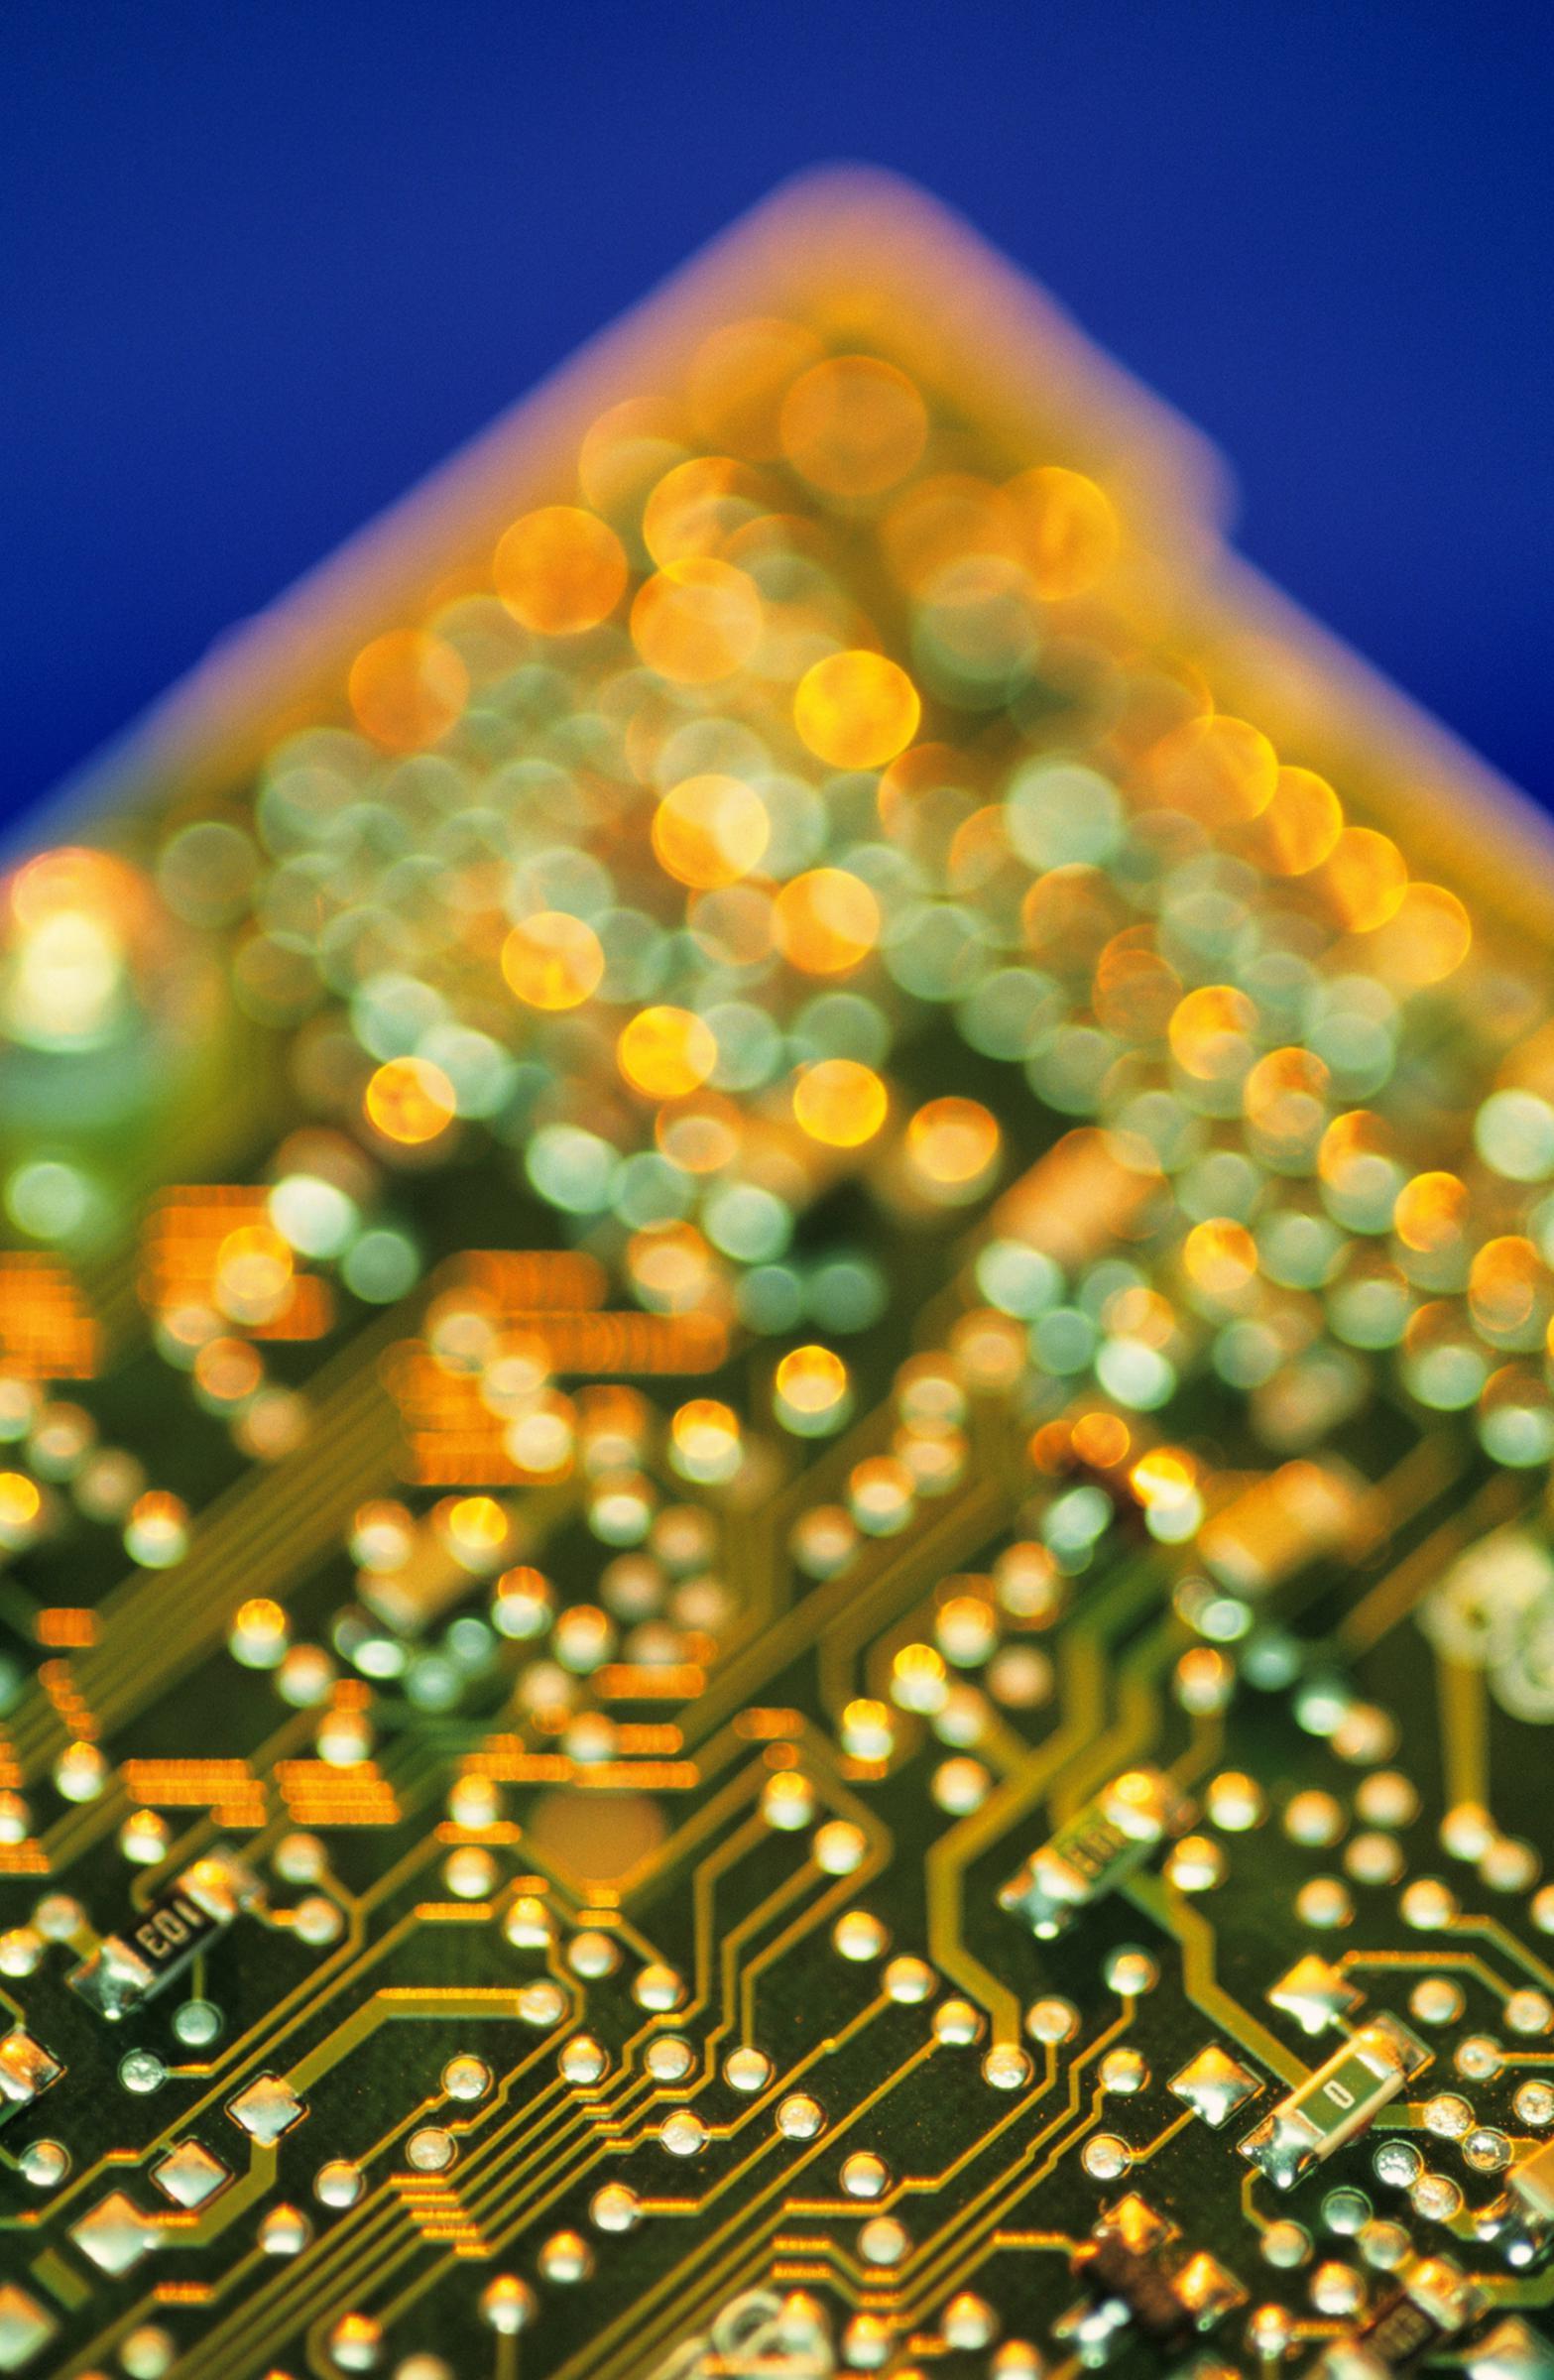 杜邦电子与ICS推出新的金属化产品:用于高密度互连应用的印刷电路板